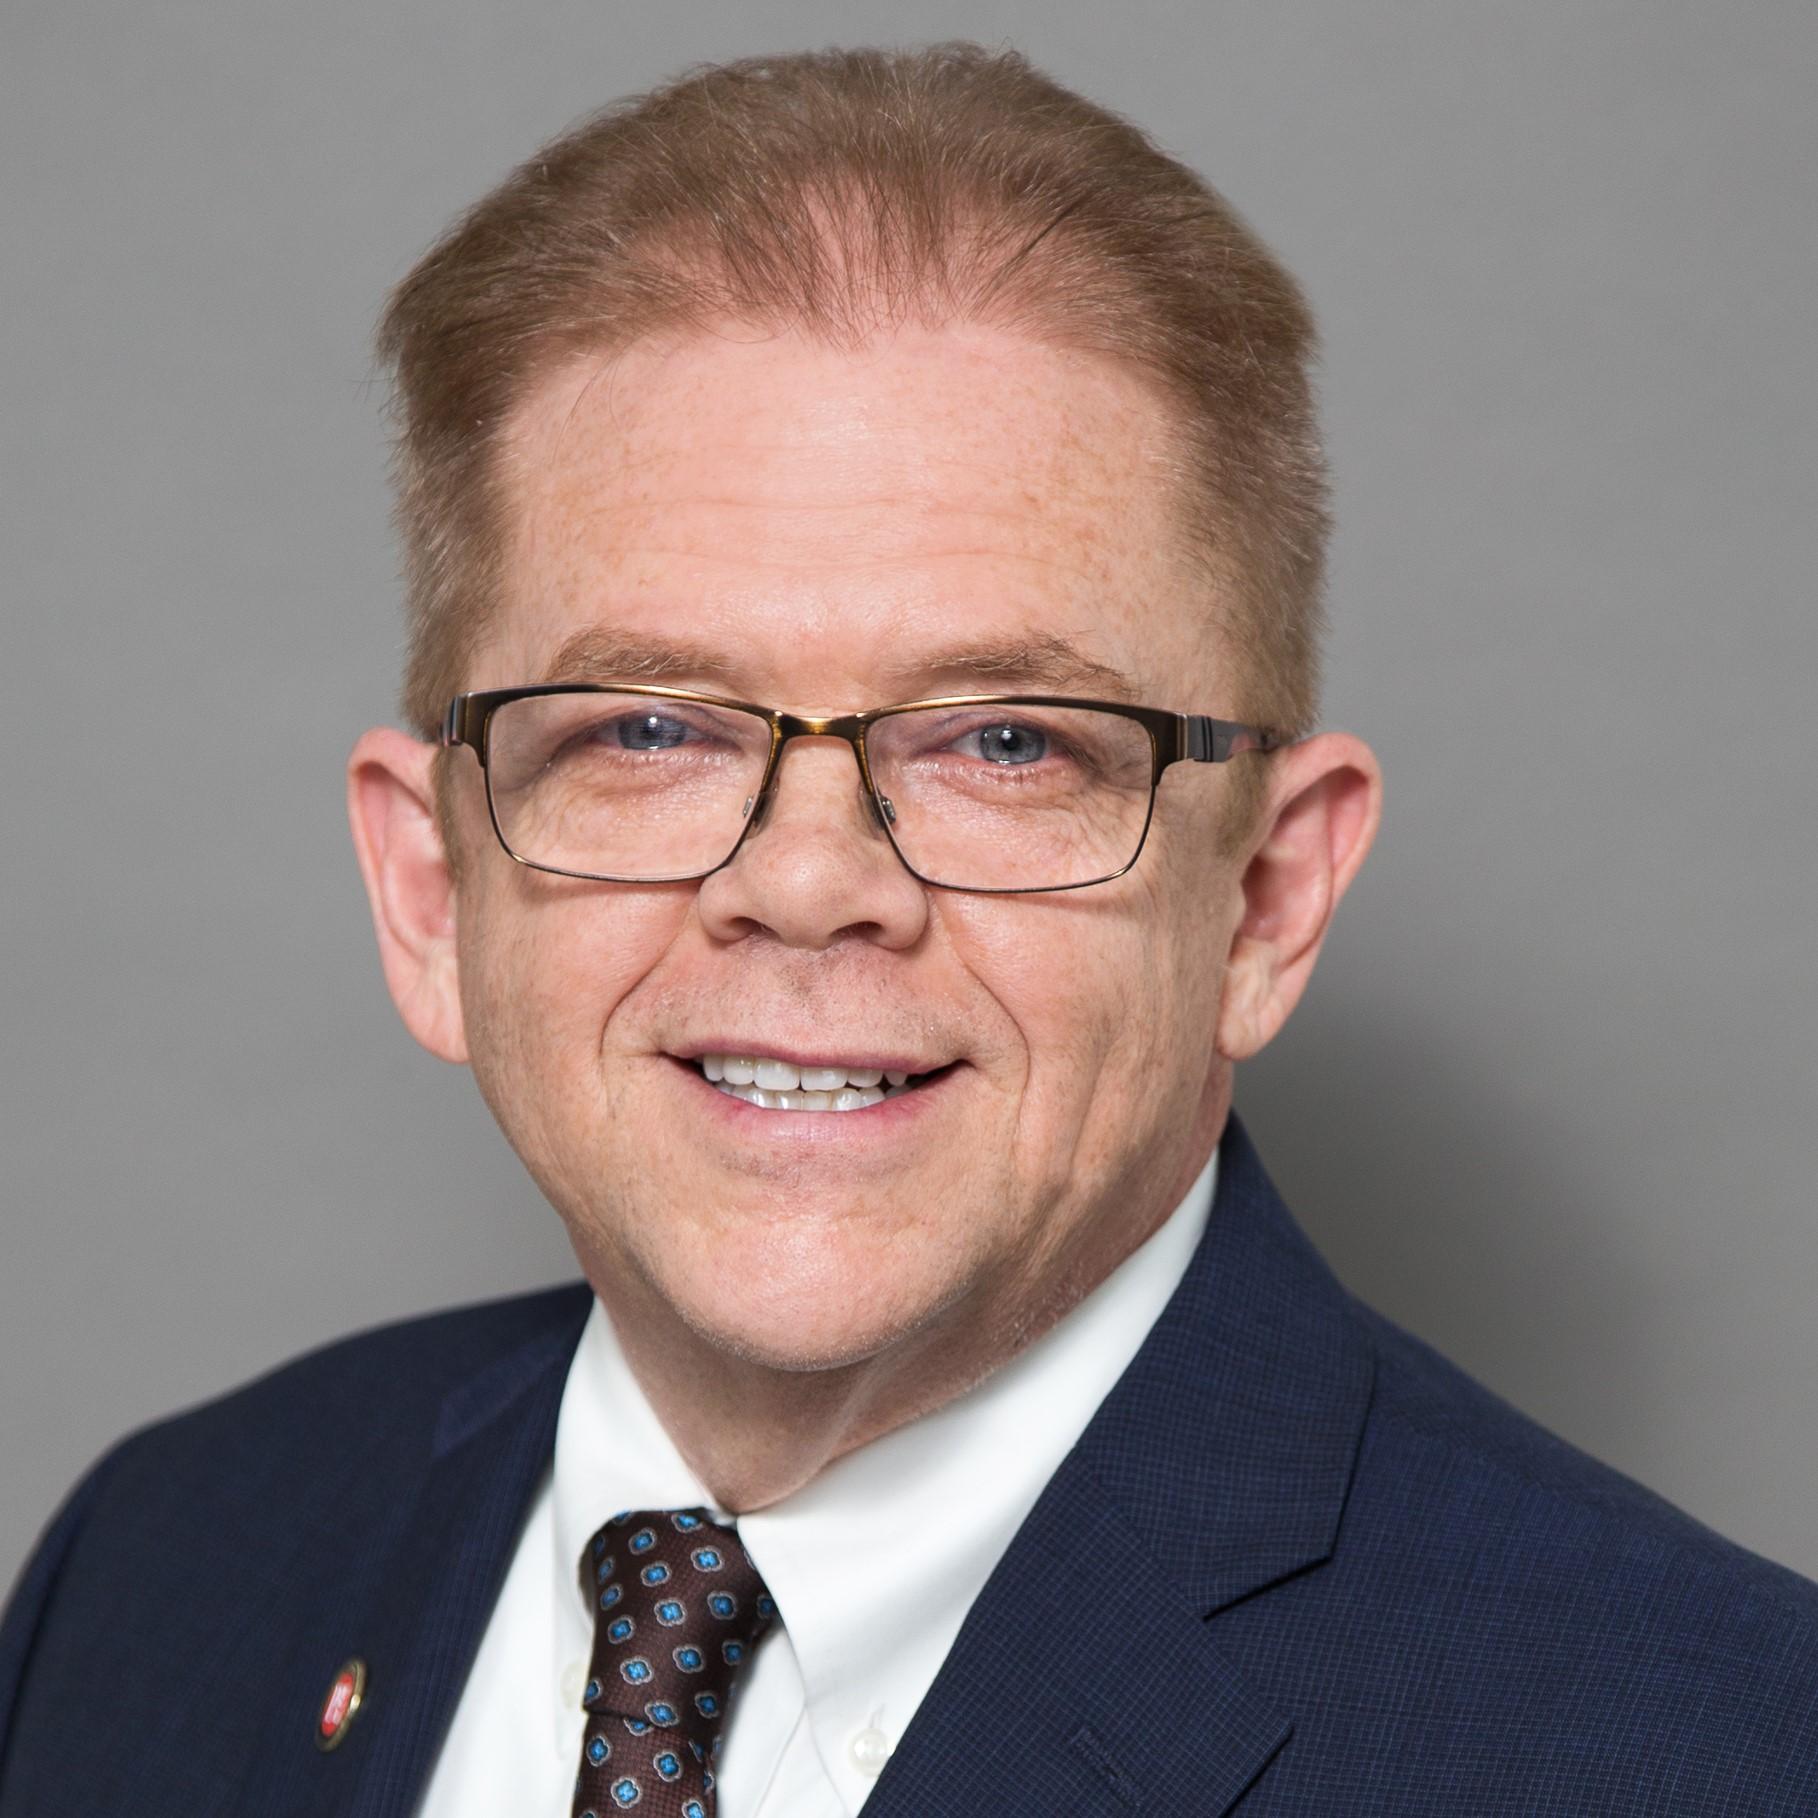 Eric Irwin, MBA